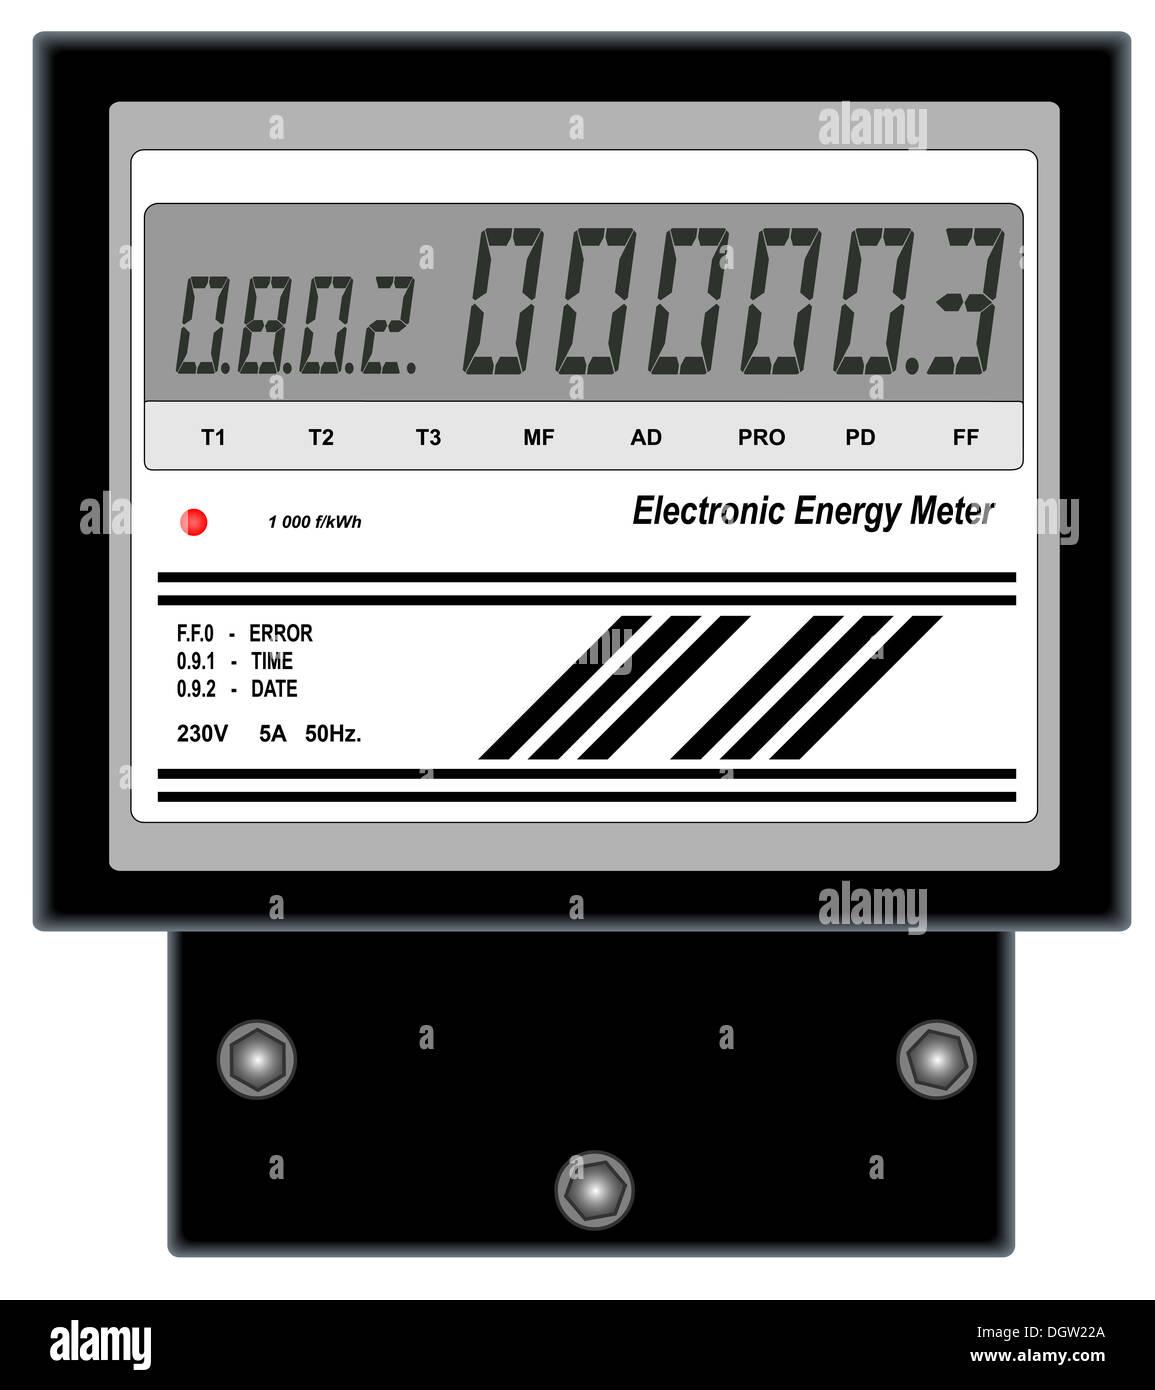 Electronic Energy Meter - Stock Image